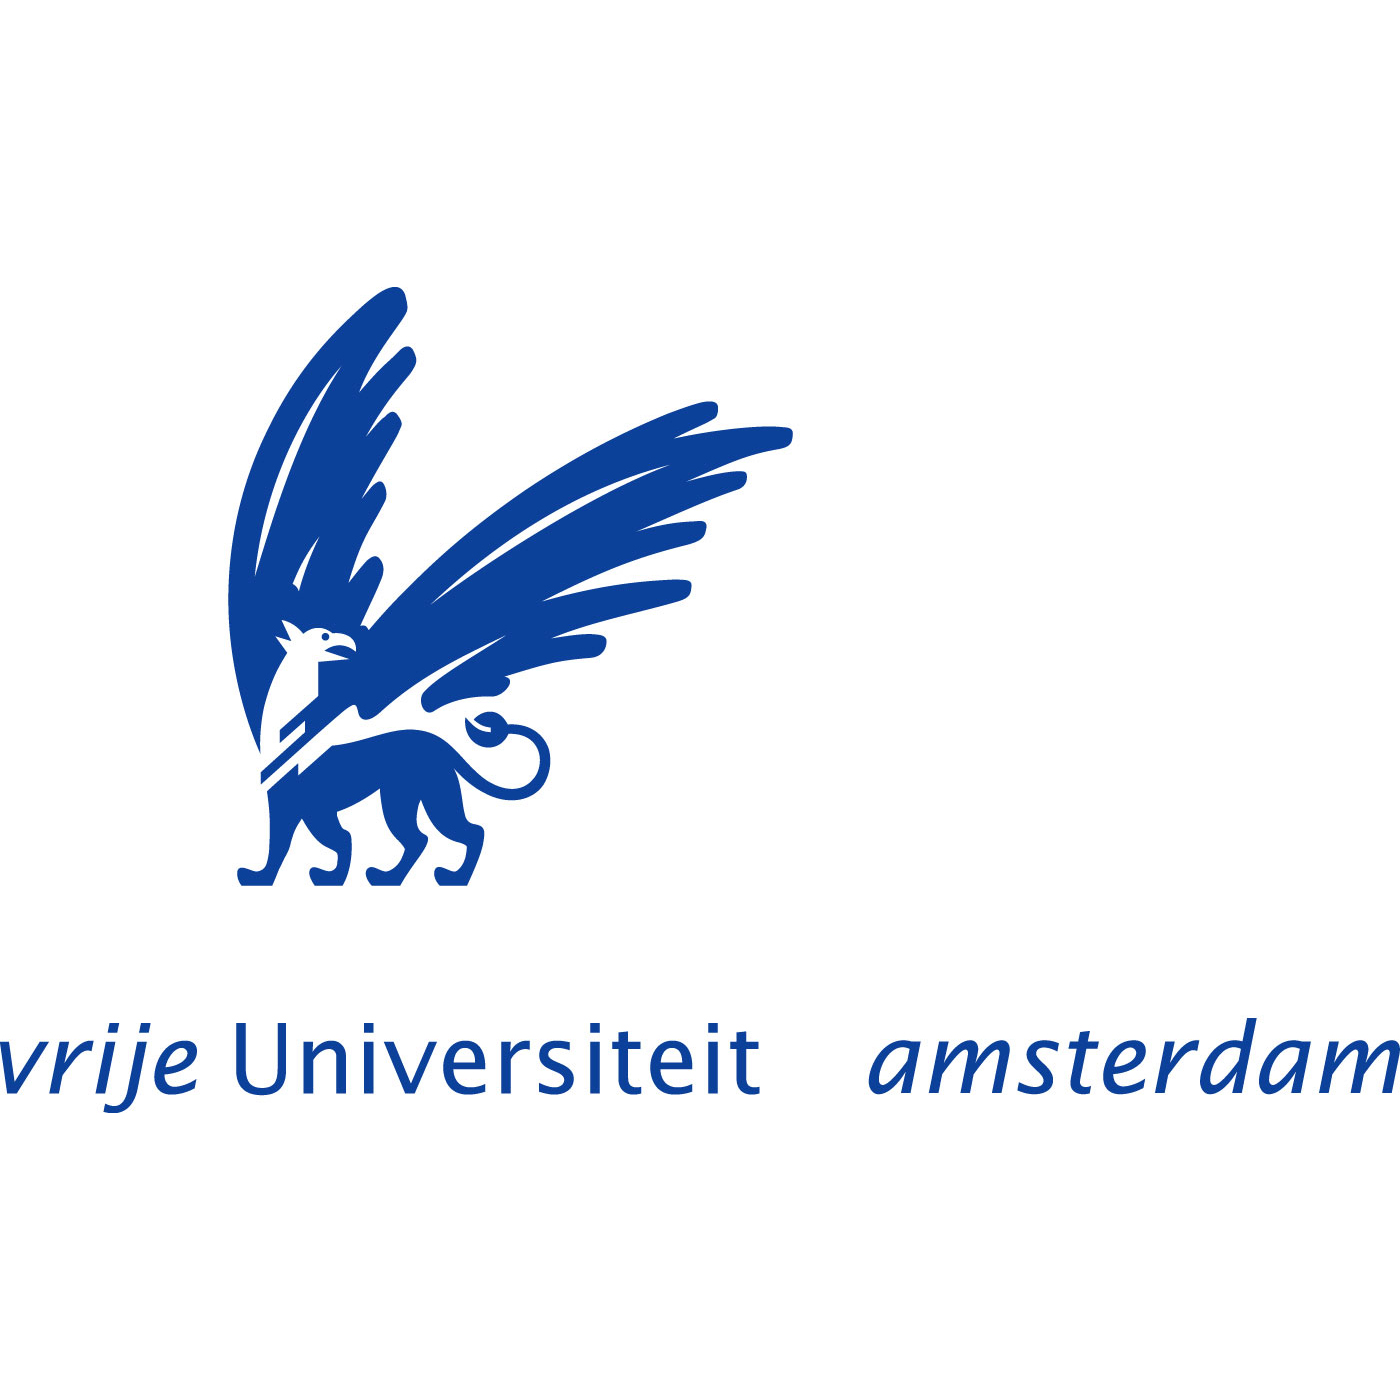 VU-logo